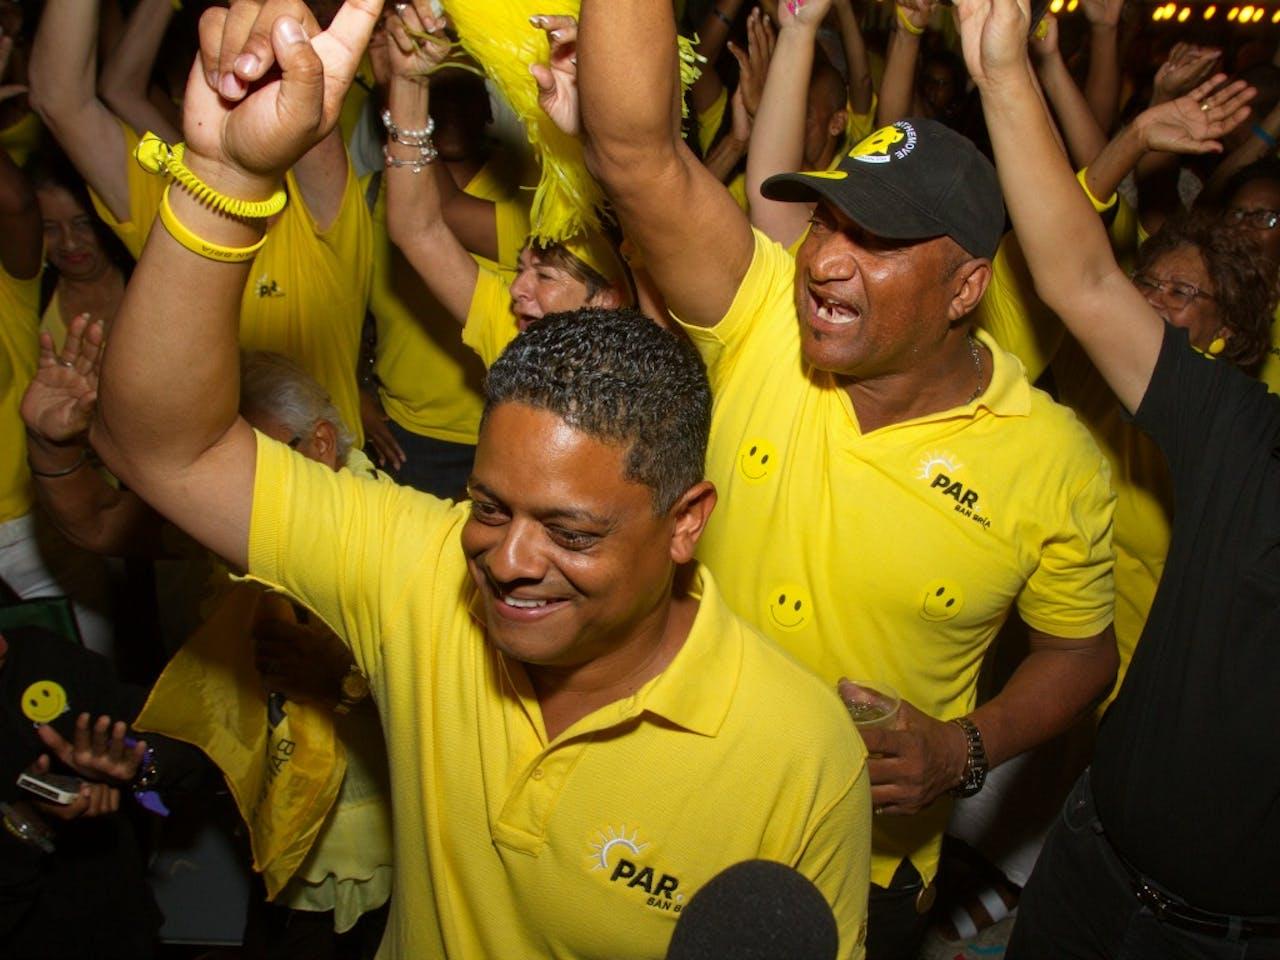 De winnende partij PAR. Foto: ANP.